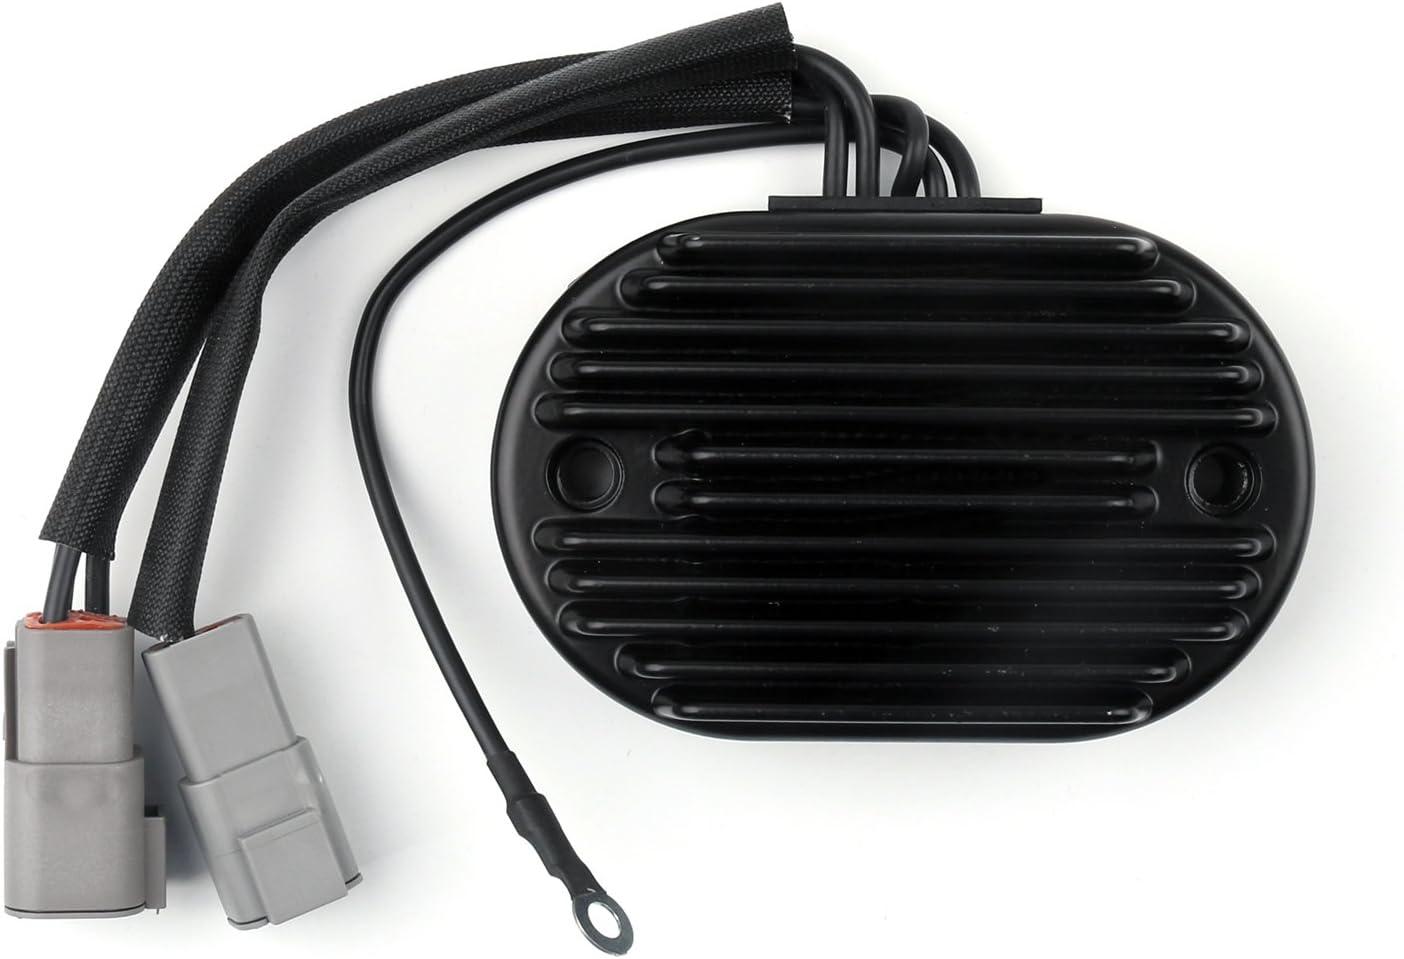 Artudatech Motorrad Spannungsregler Motorrad Spannungsregler Gleichrichter Für Harley Davidson Fatboy Softail Custom Deluxe Deuce Auto